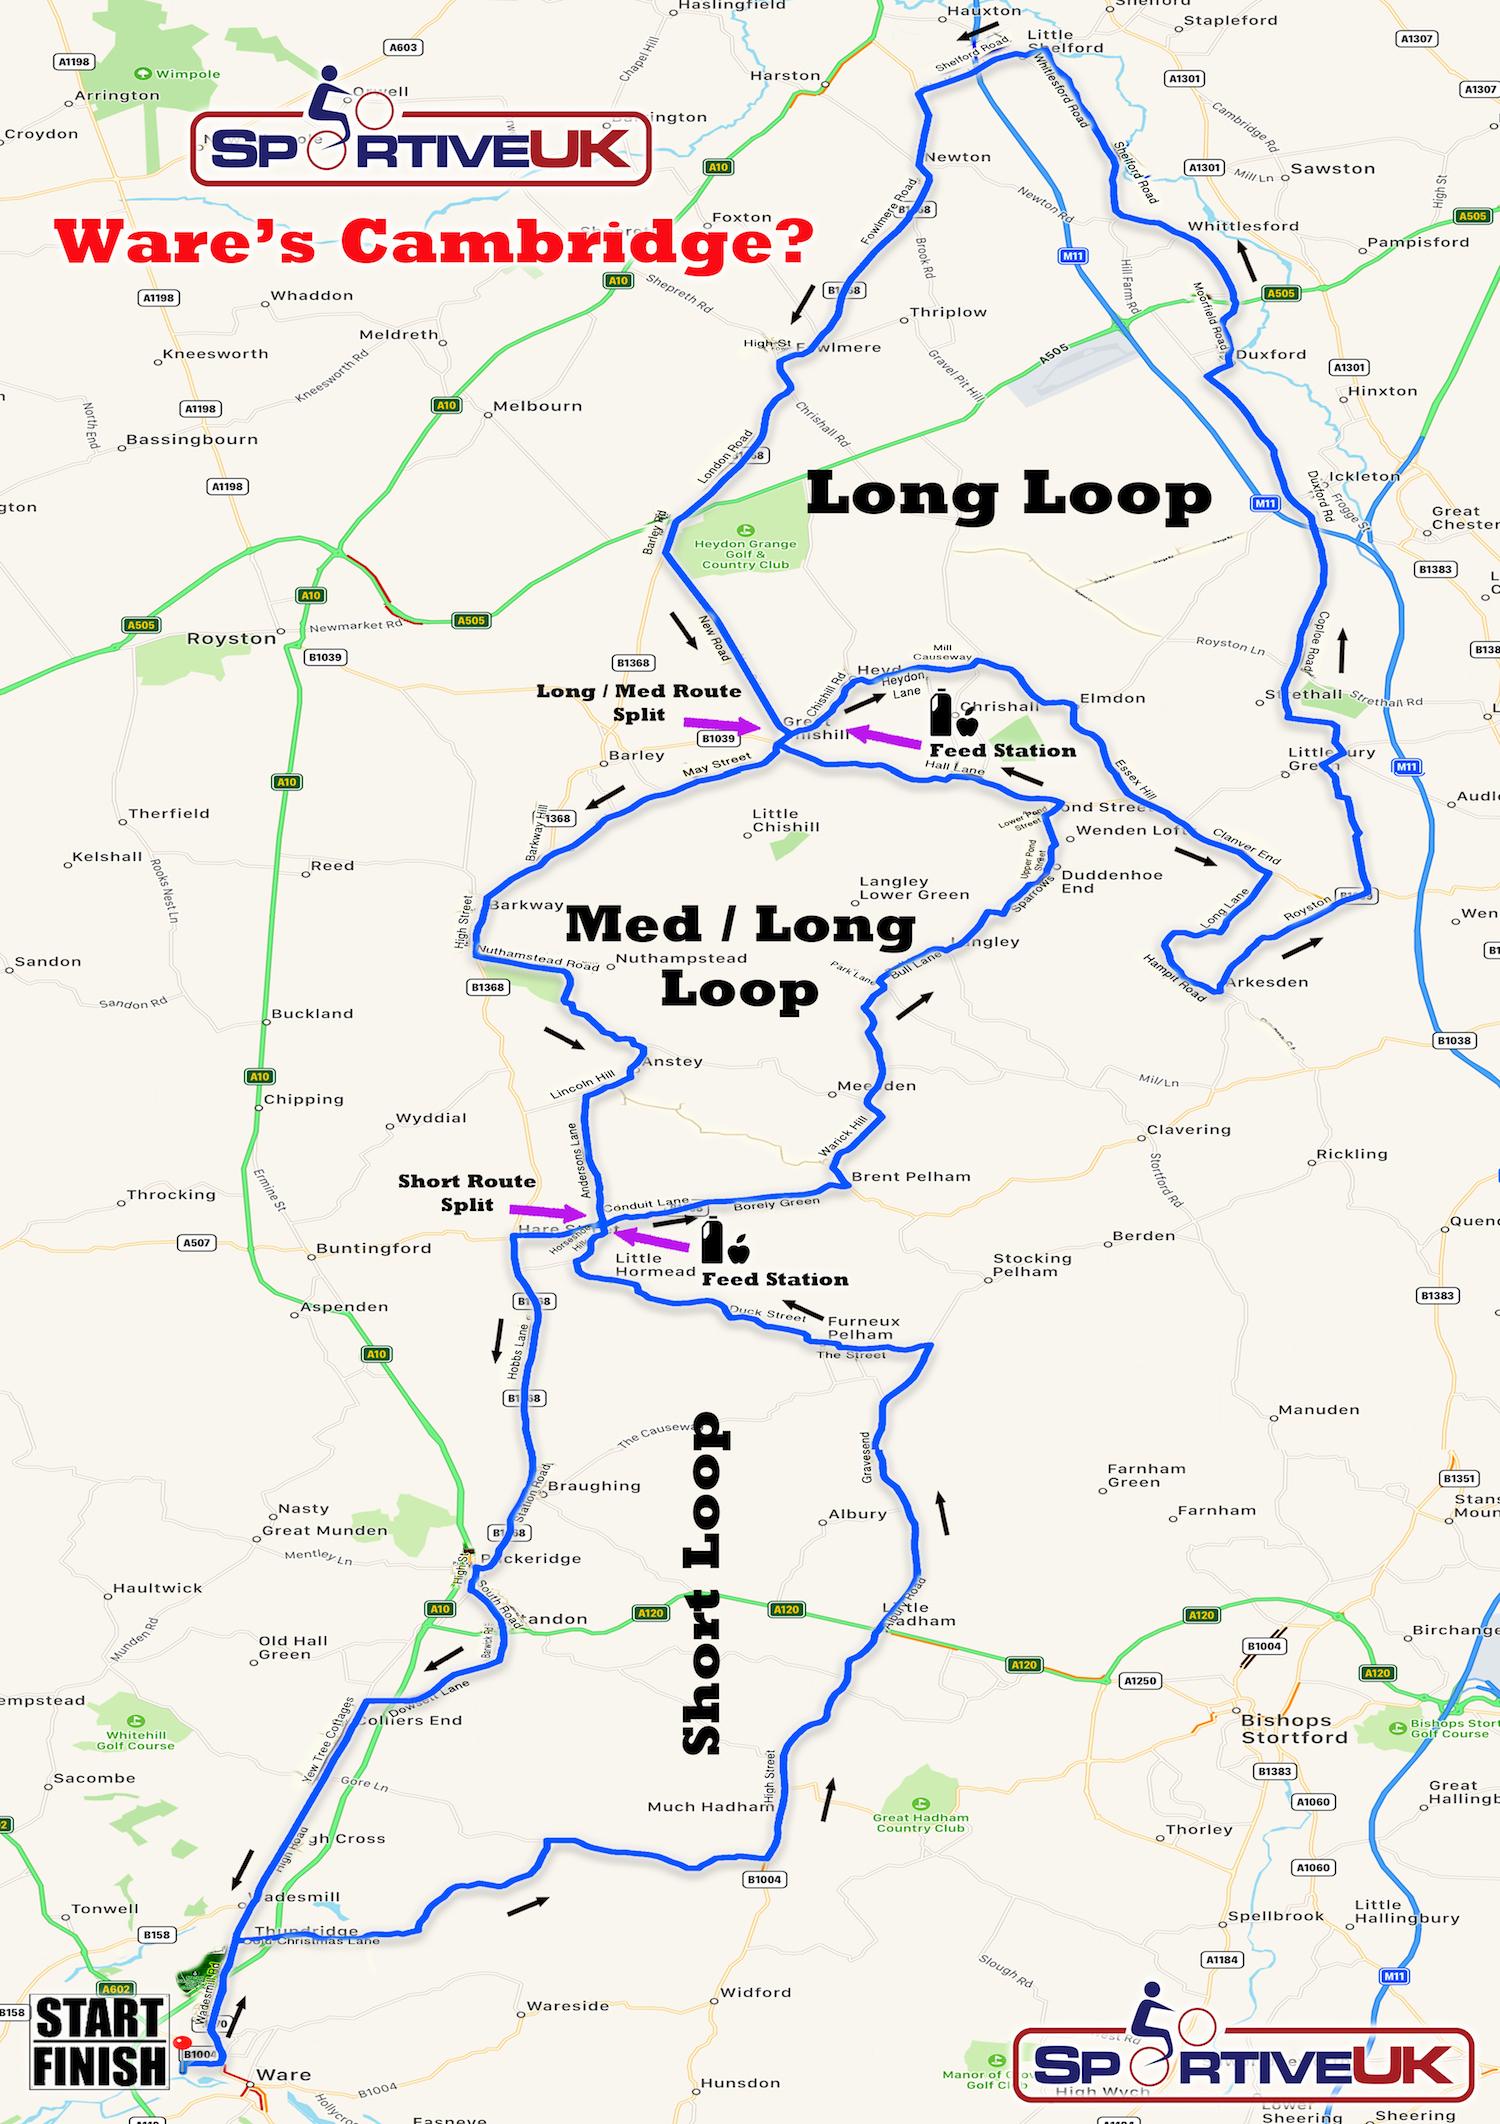 Ware's Cambridge? Map